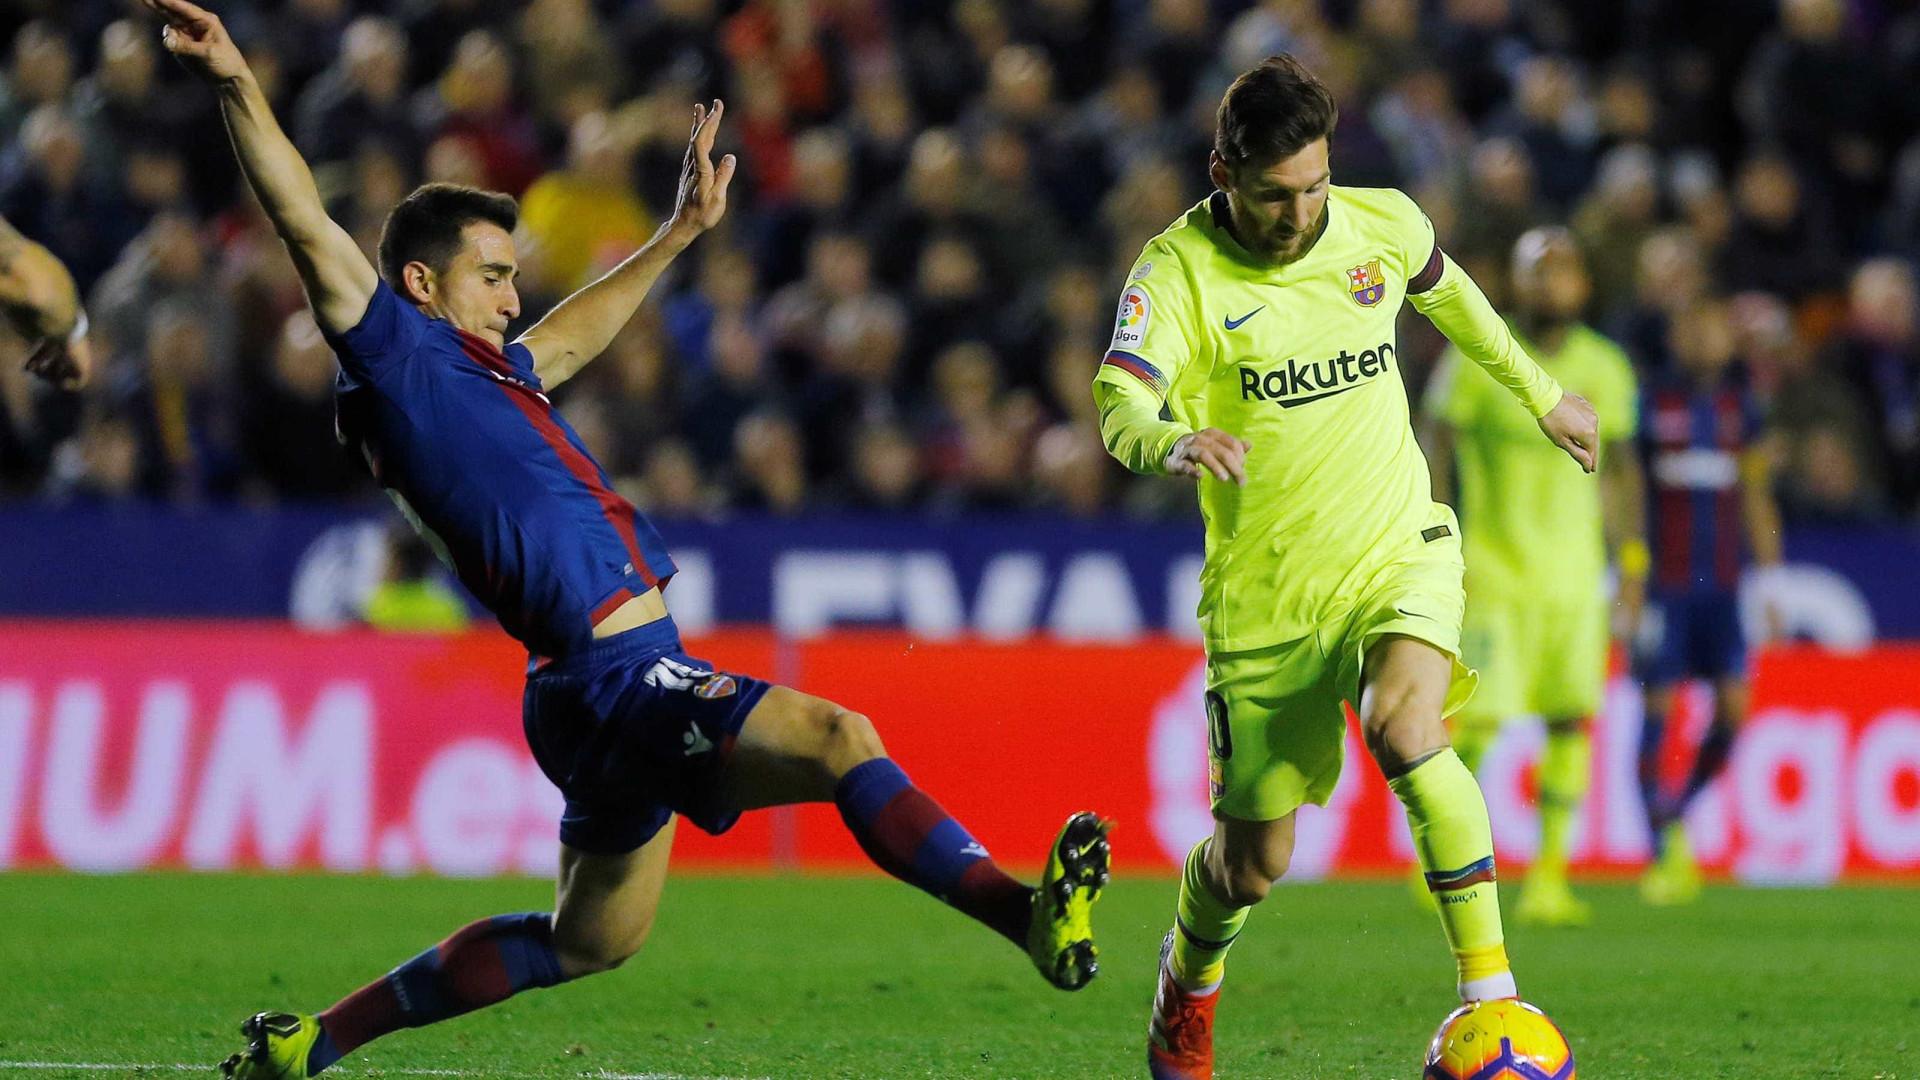 Com três gols e show de Messi, Barcelona atropela Levante no Espanhol